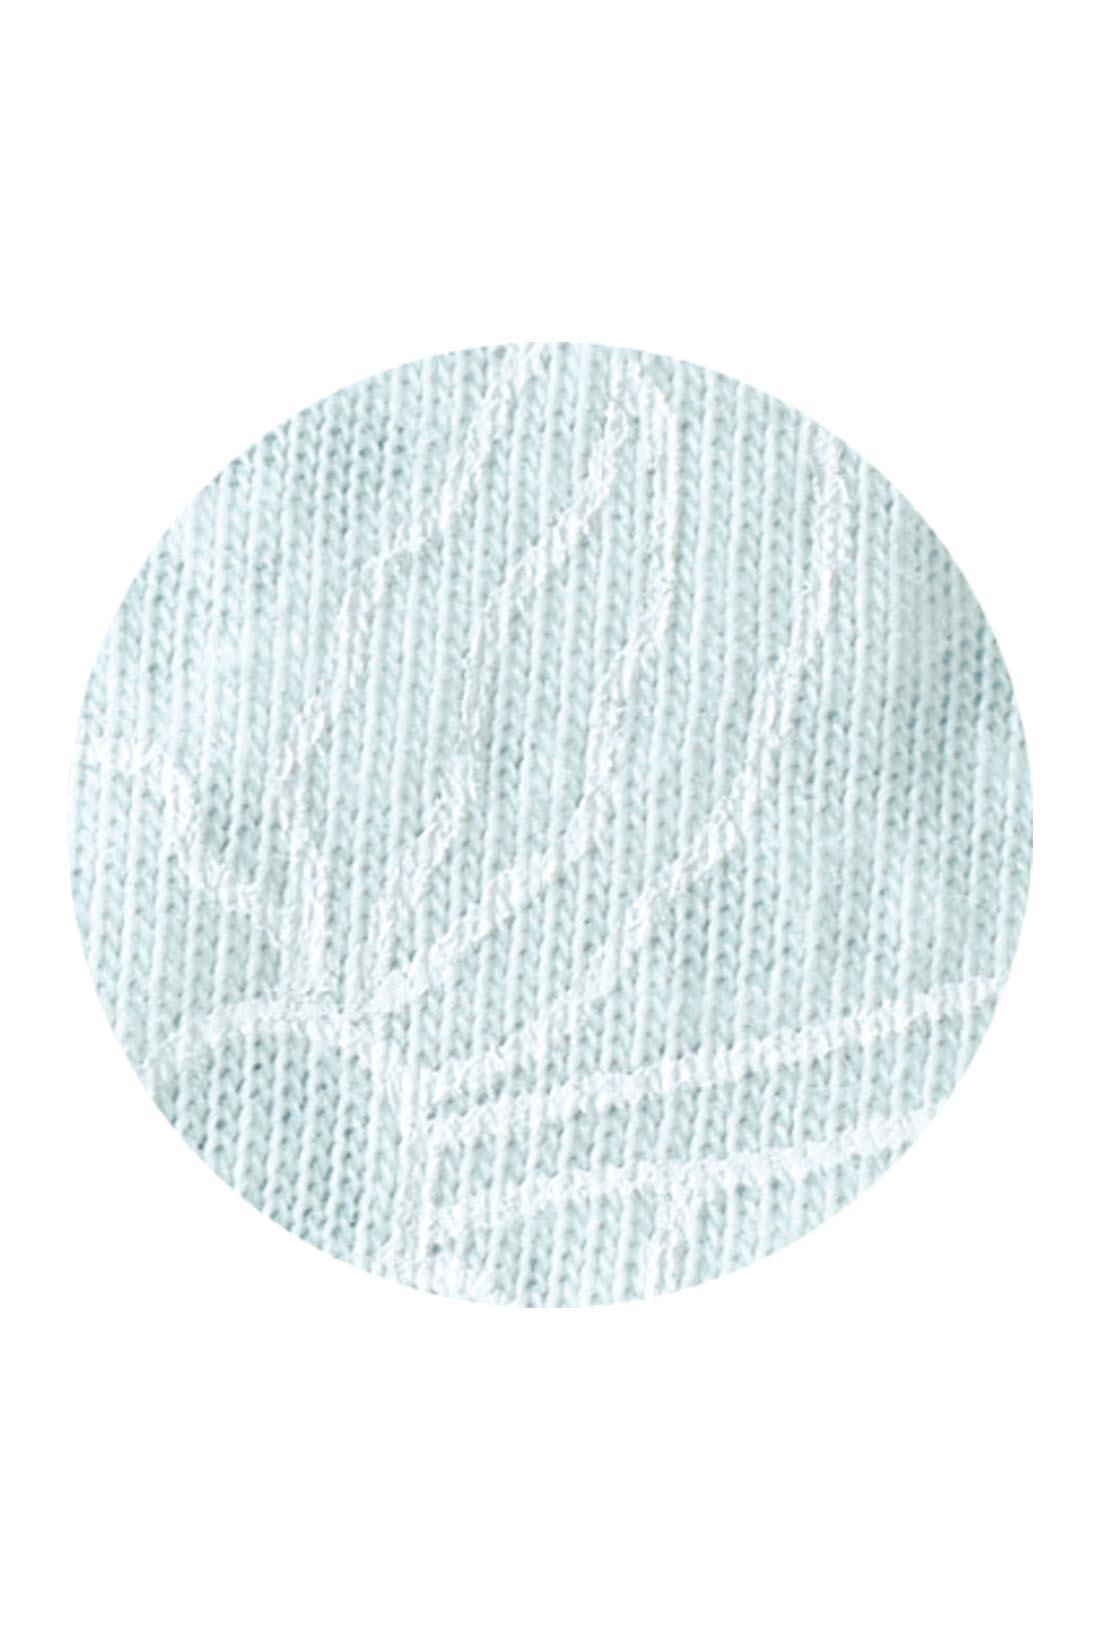 オパール加工+プリントでレースのような表情に仕上げたカットソー素材。気軽に洗濯もできるのがうれしい。